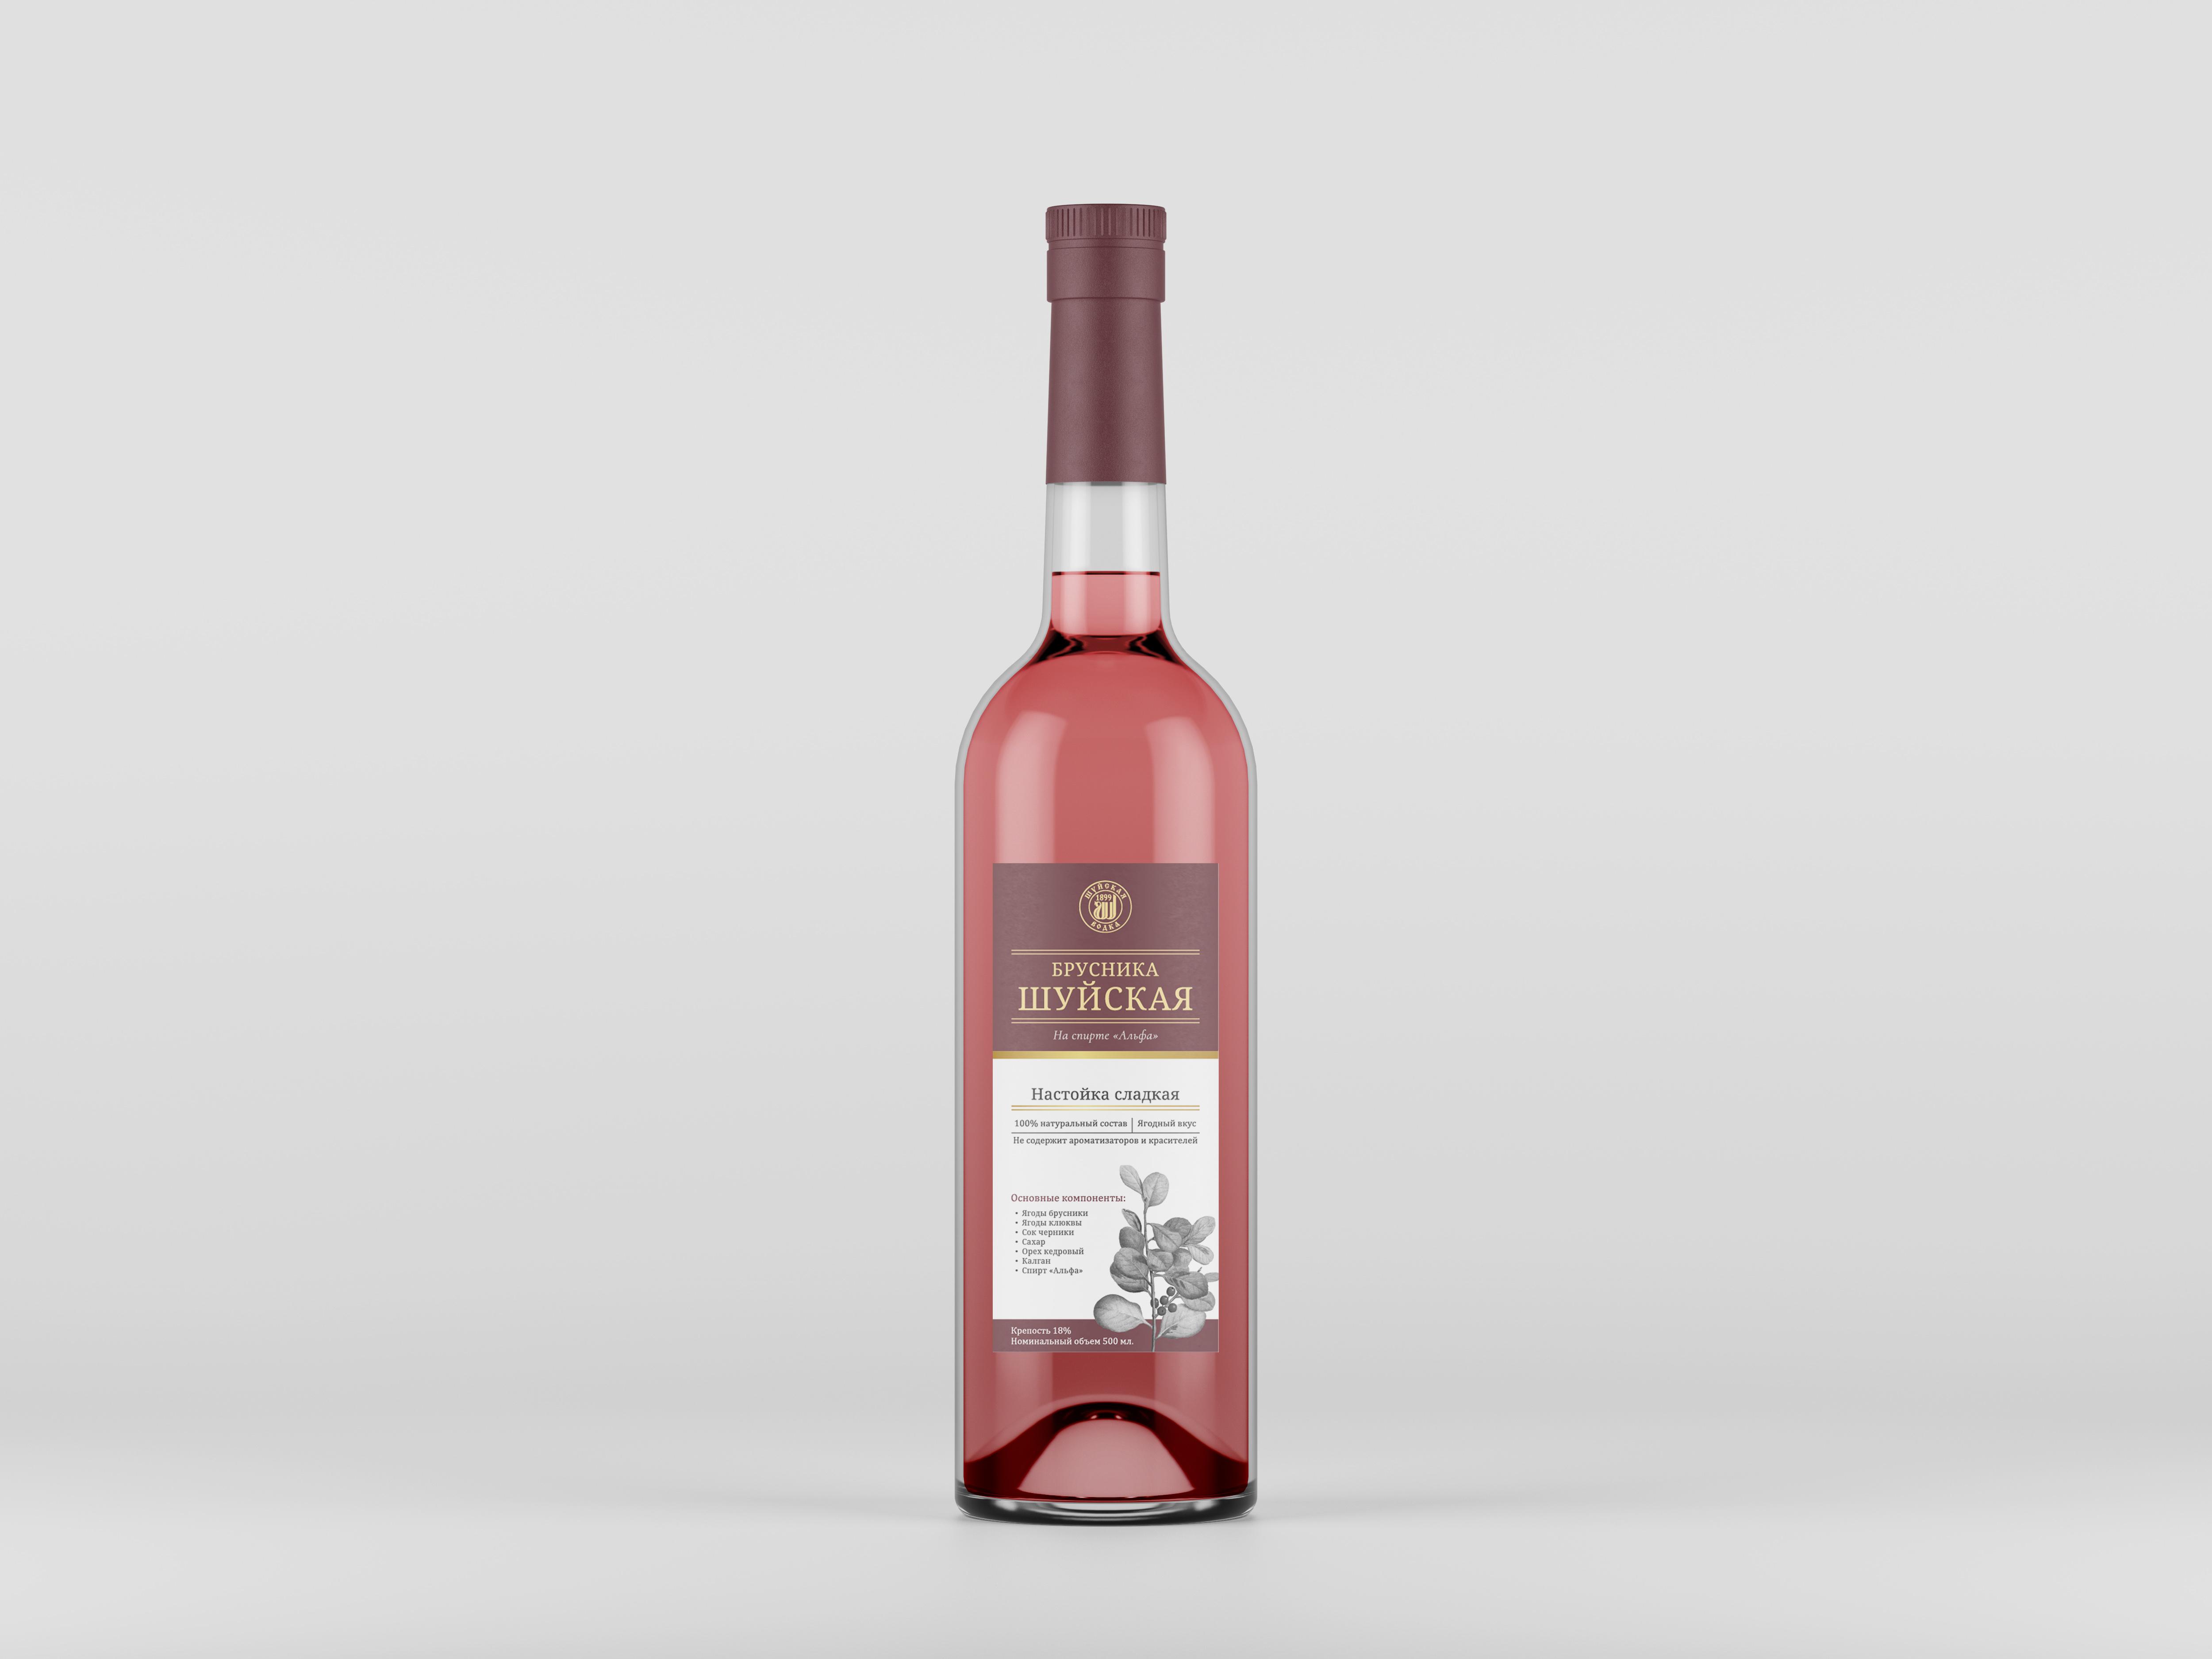 Дизайн этикетки алкогольного продукта (сладкая настойка) фото f_2225f8373779ff7a.jpg